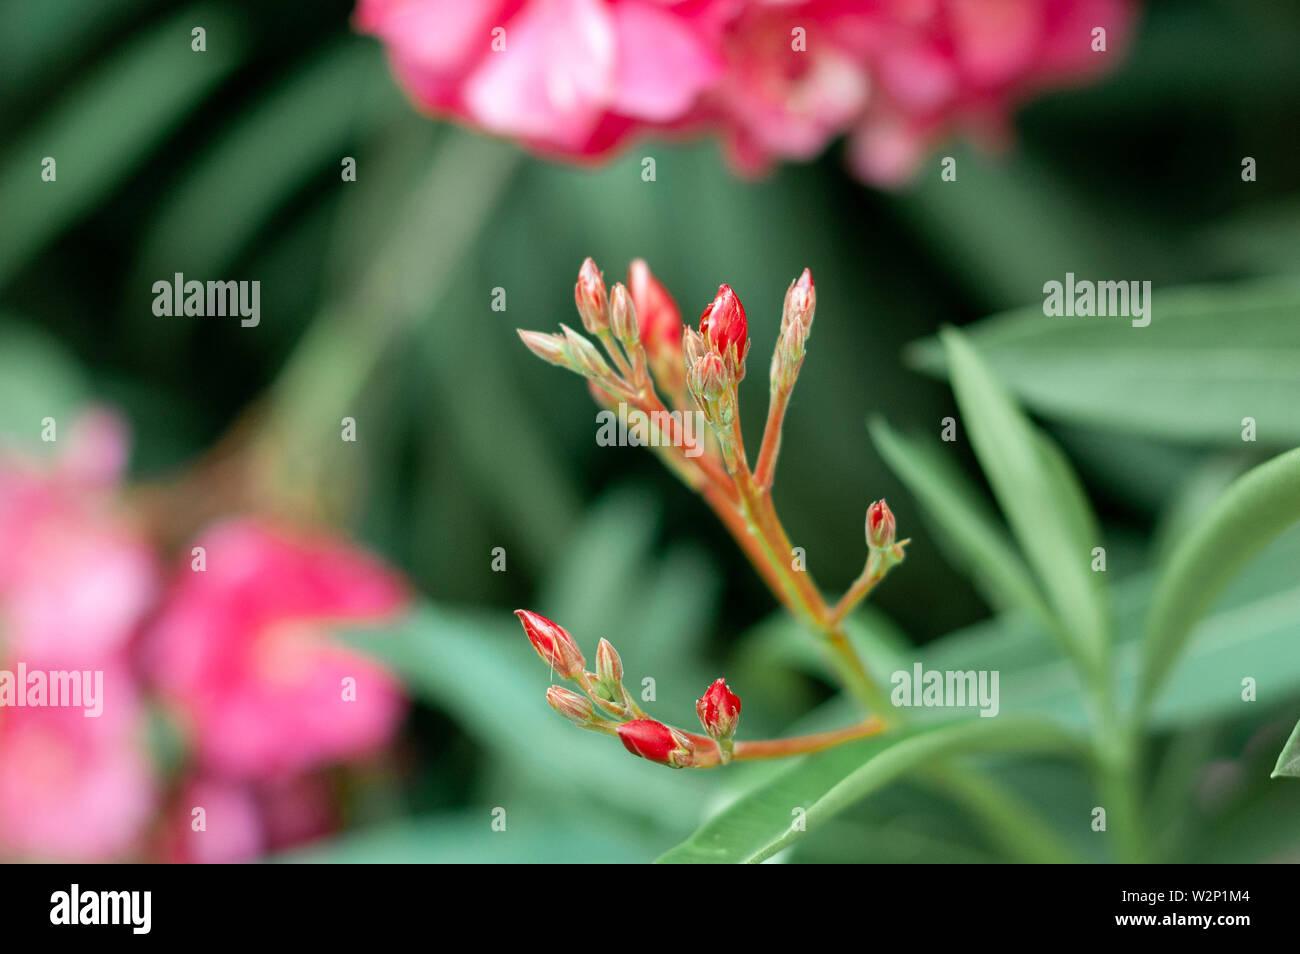 Rosa oleander Knospen. Nerium oleander. Floral background Stockfoto